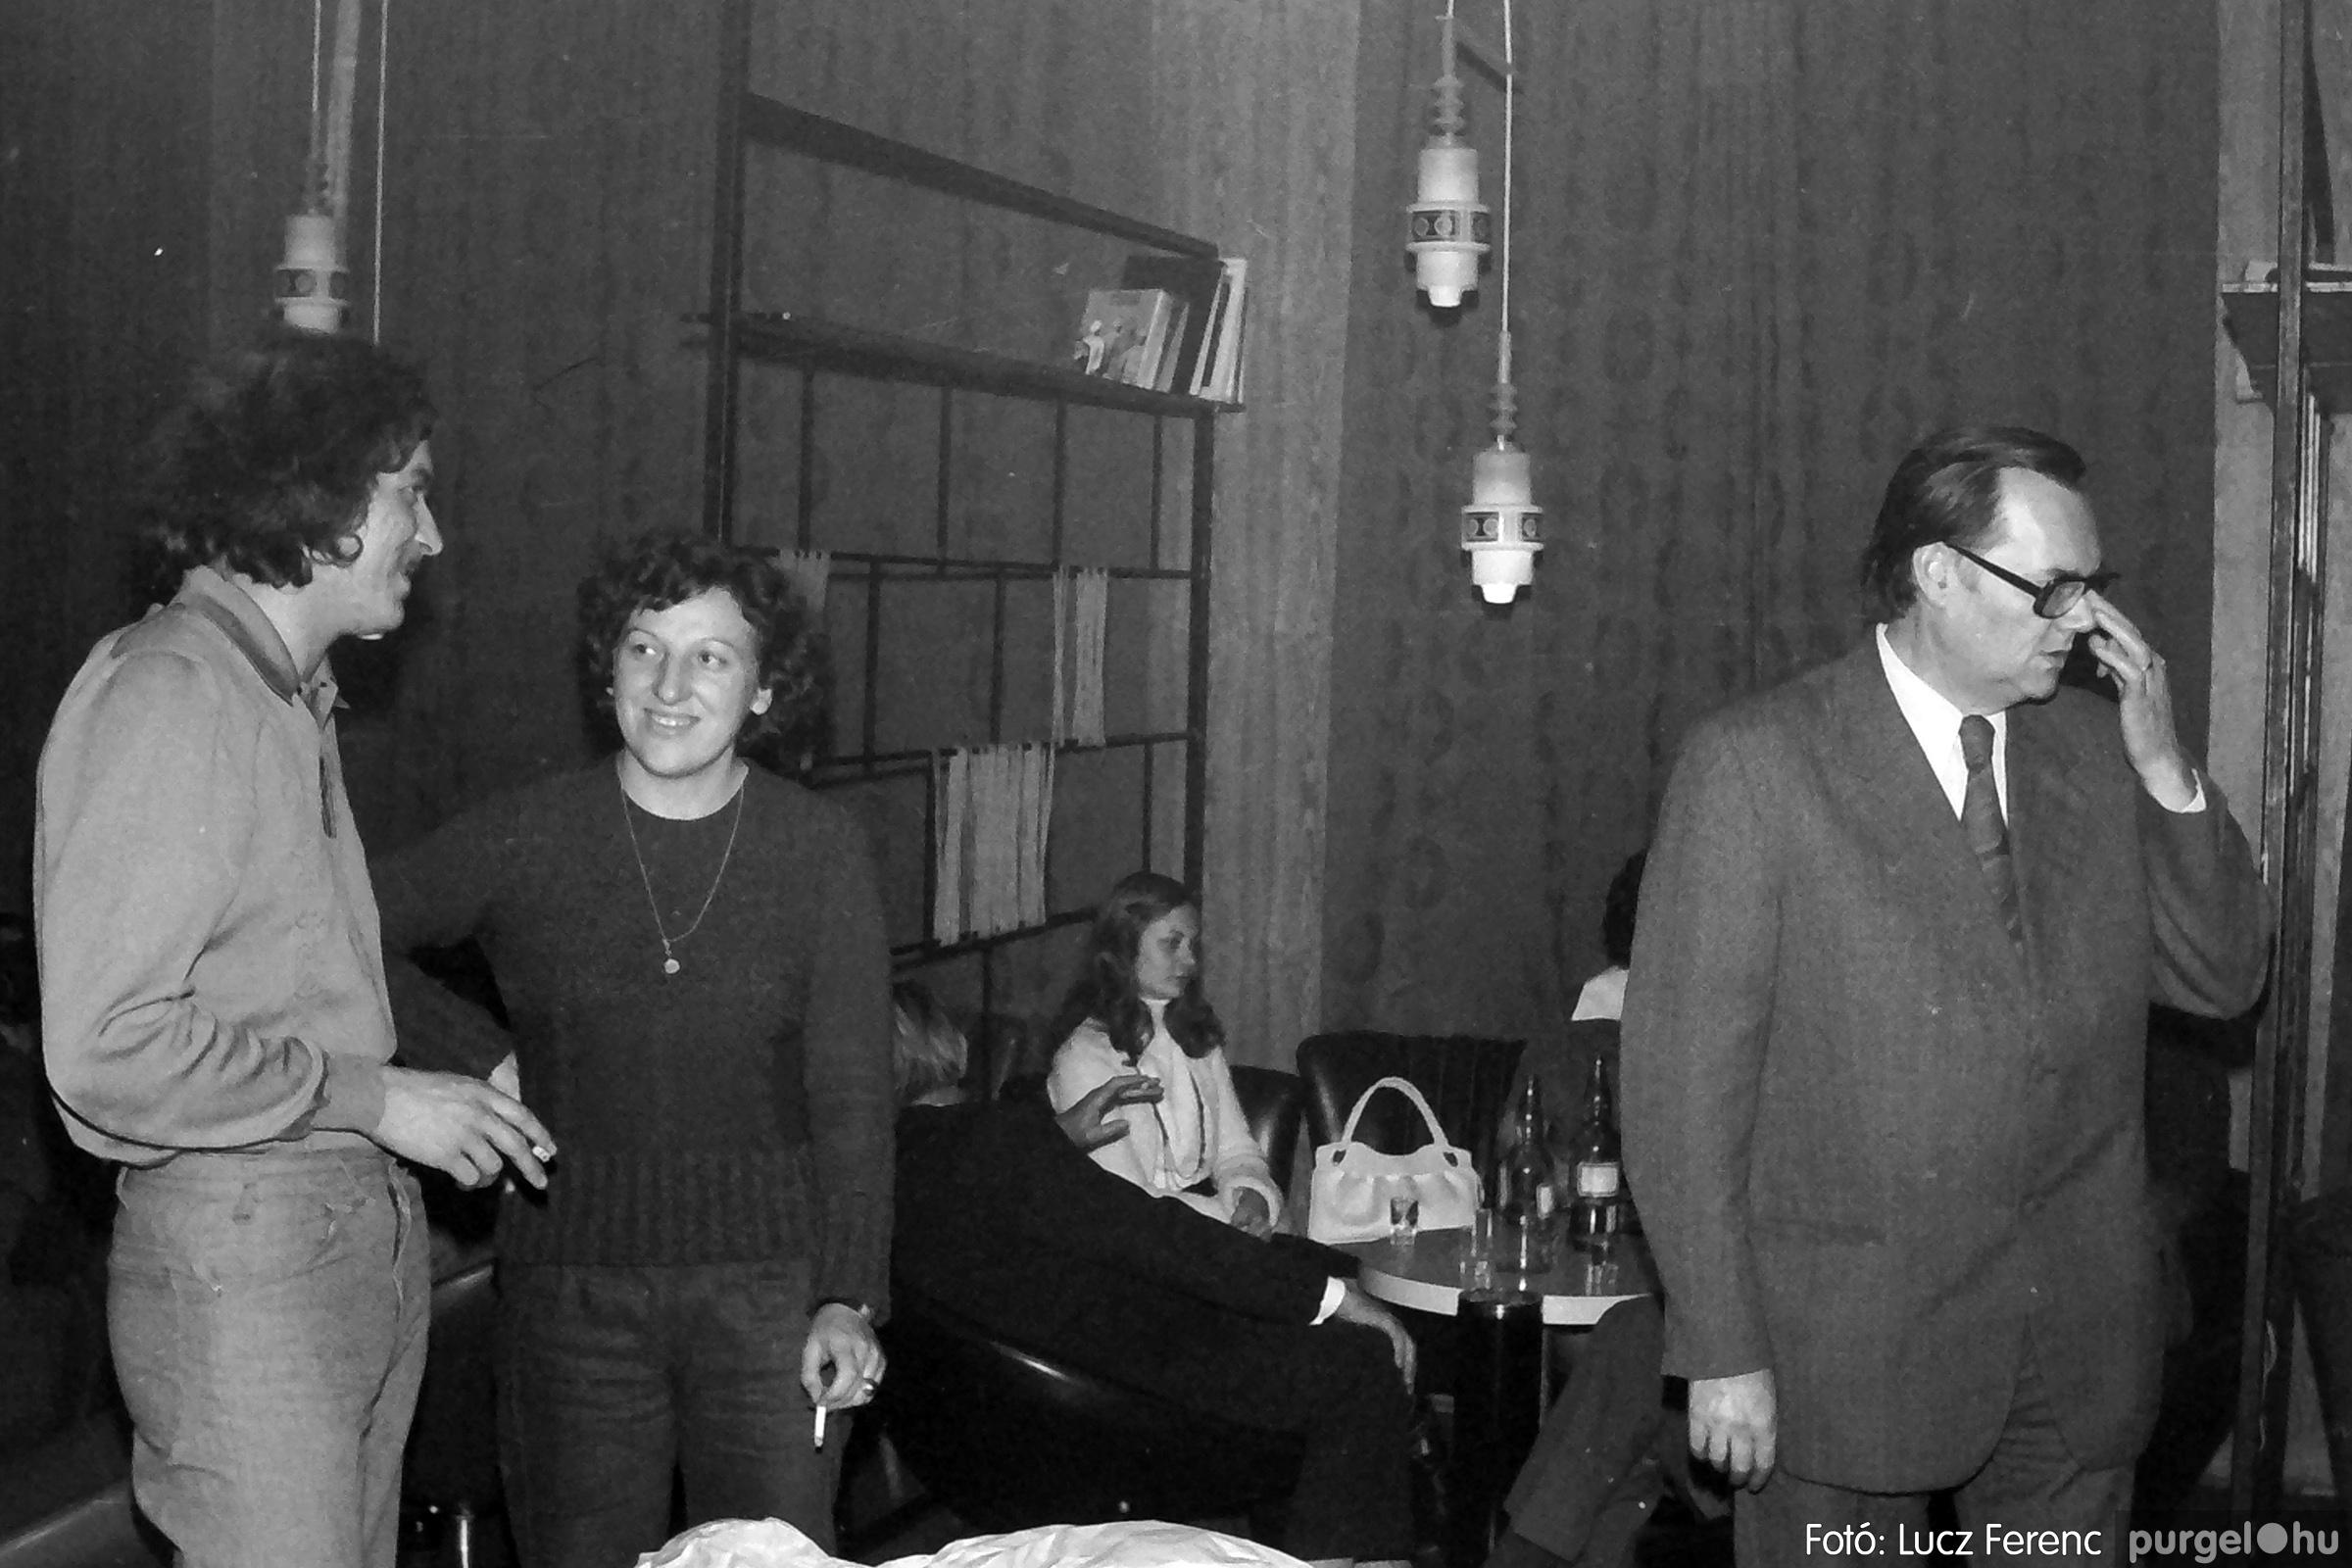 066-067. 1976. A Herkulesfürdői emlék című film ősbemutatója Szegváron 017. - Fotó: Lucz Ferenc.jpg